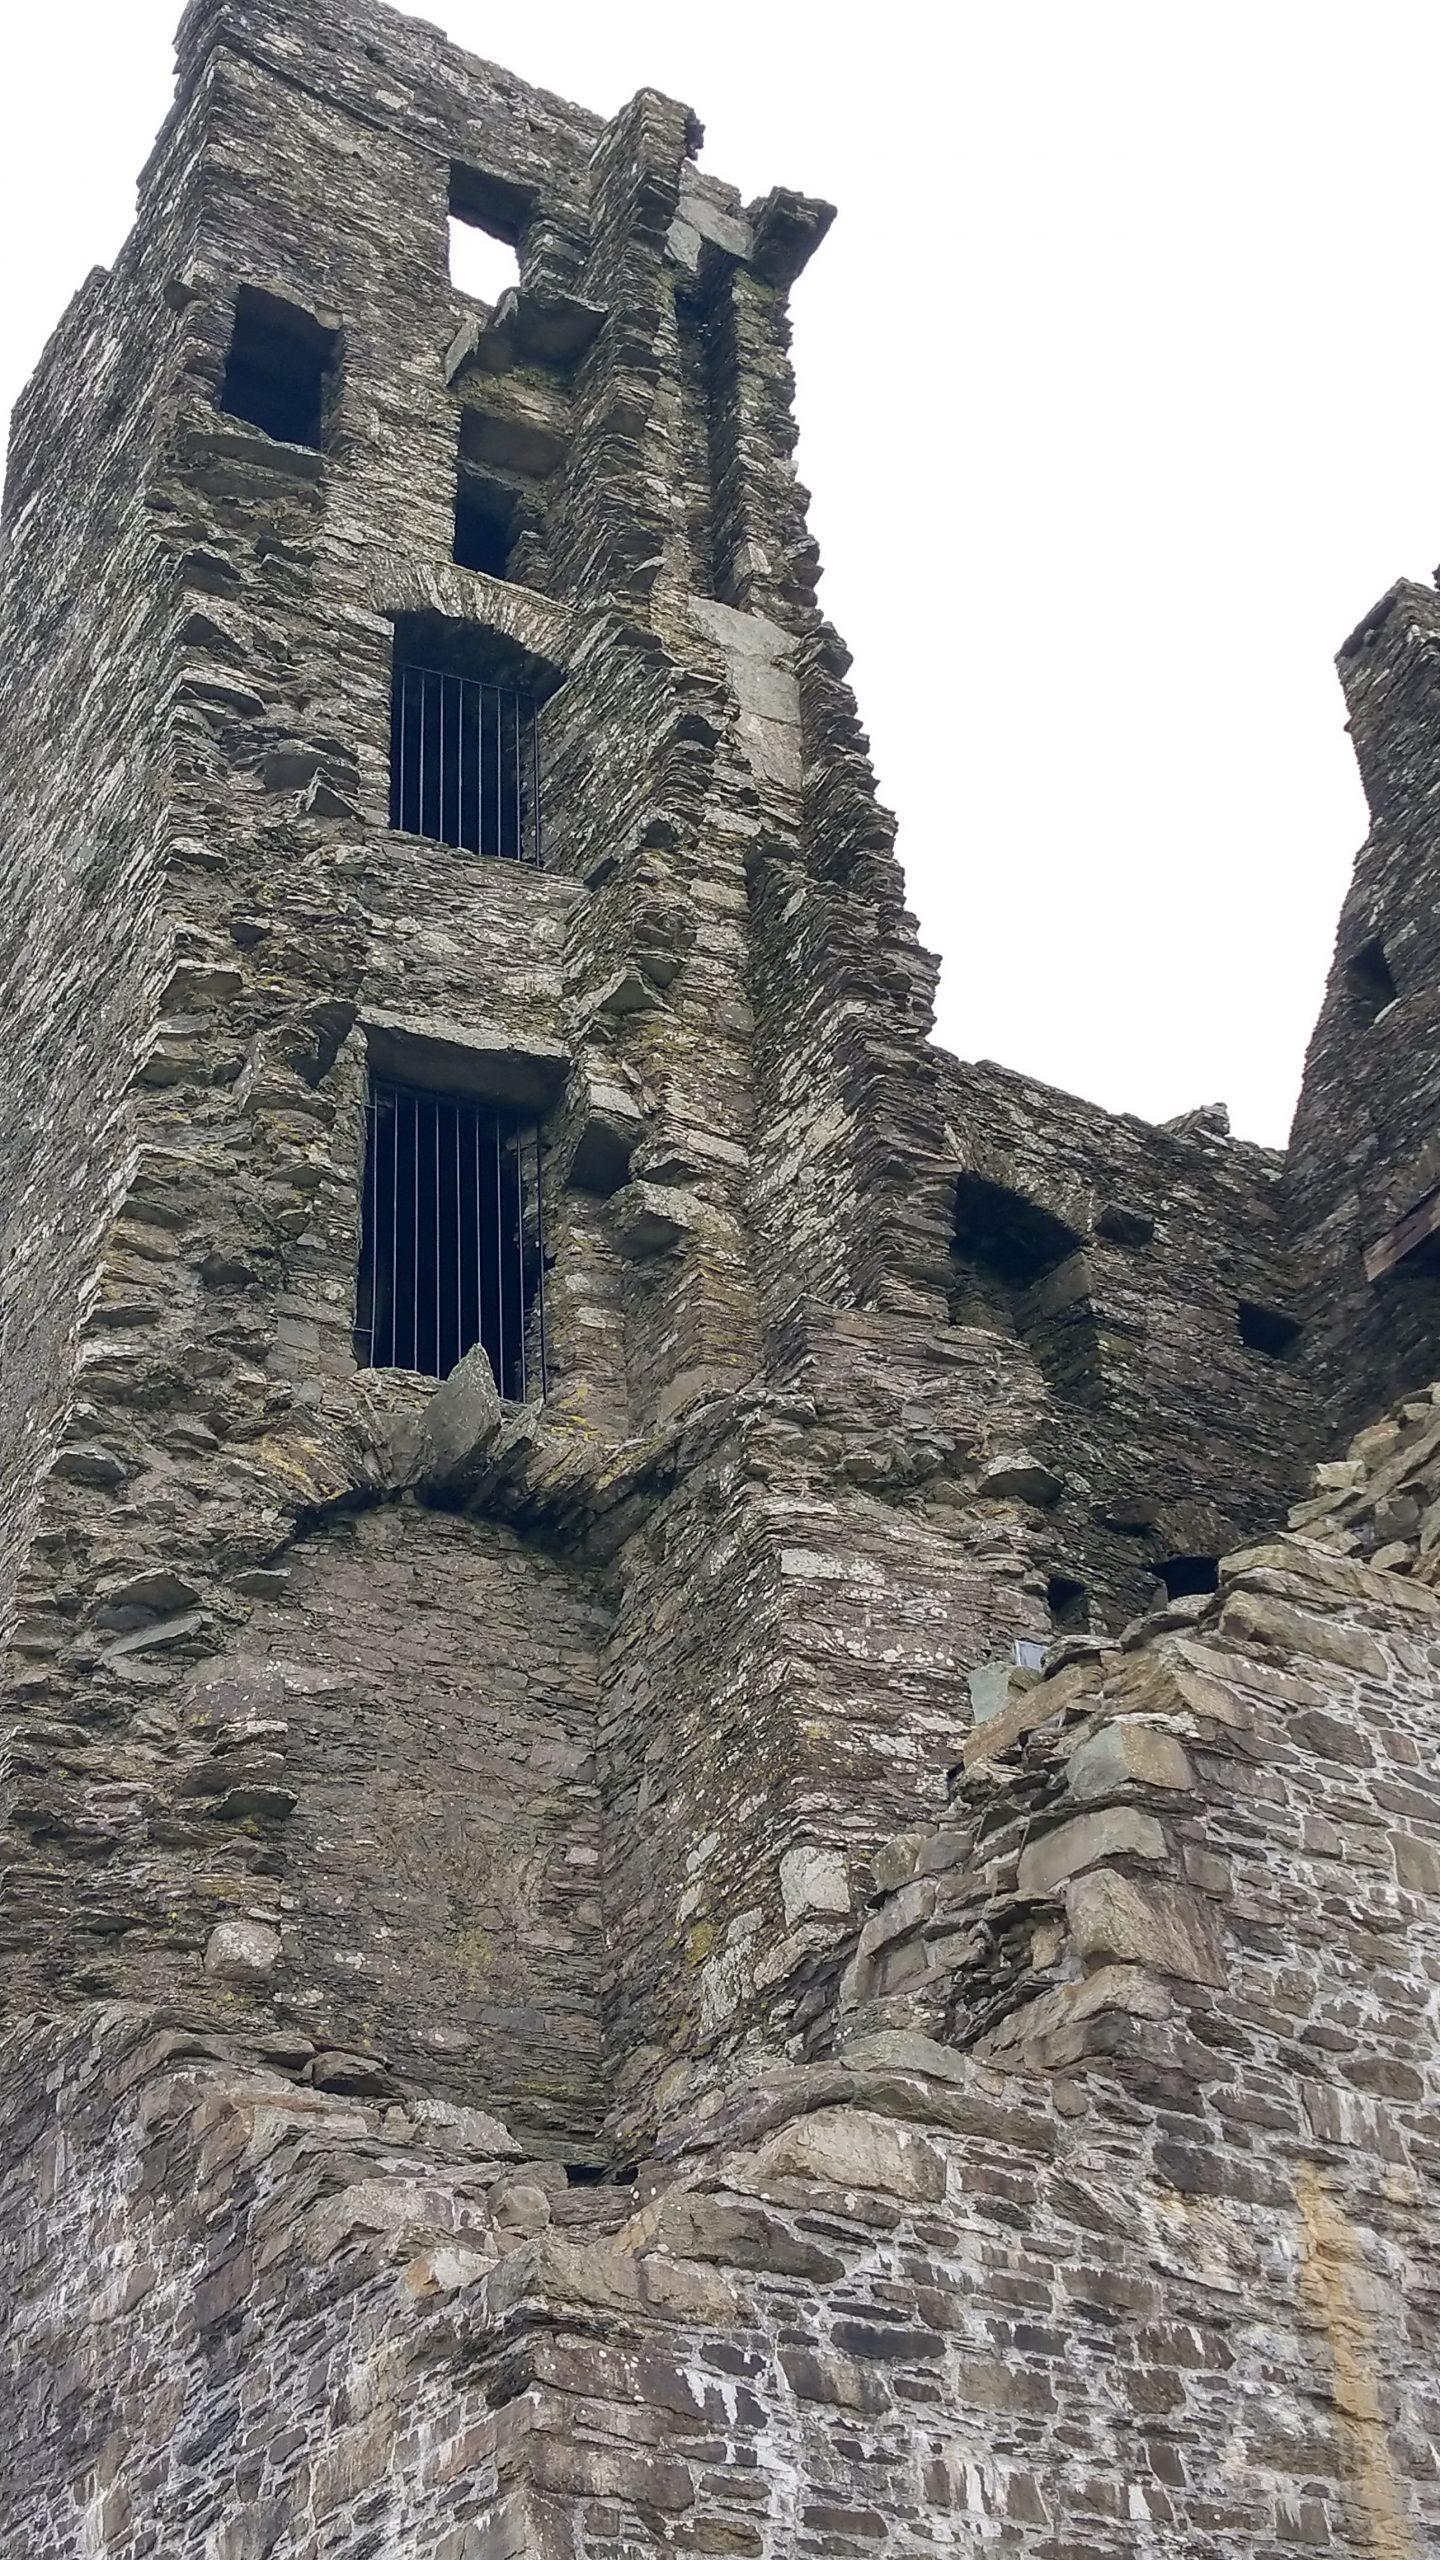 Castle Donovan Irland, Mauerwerk